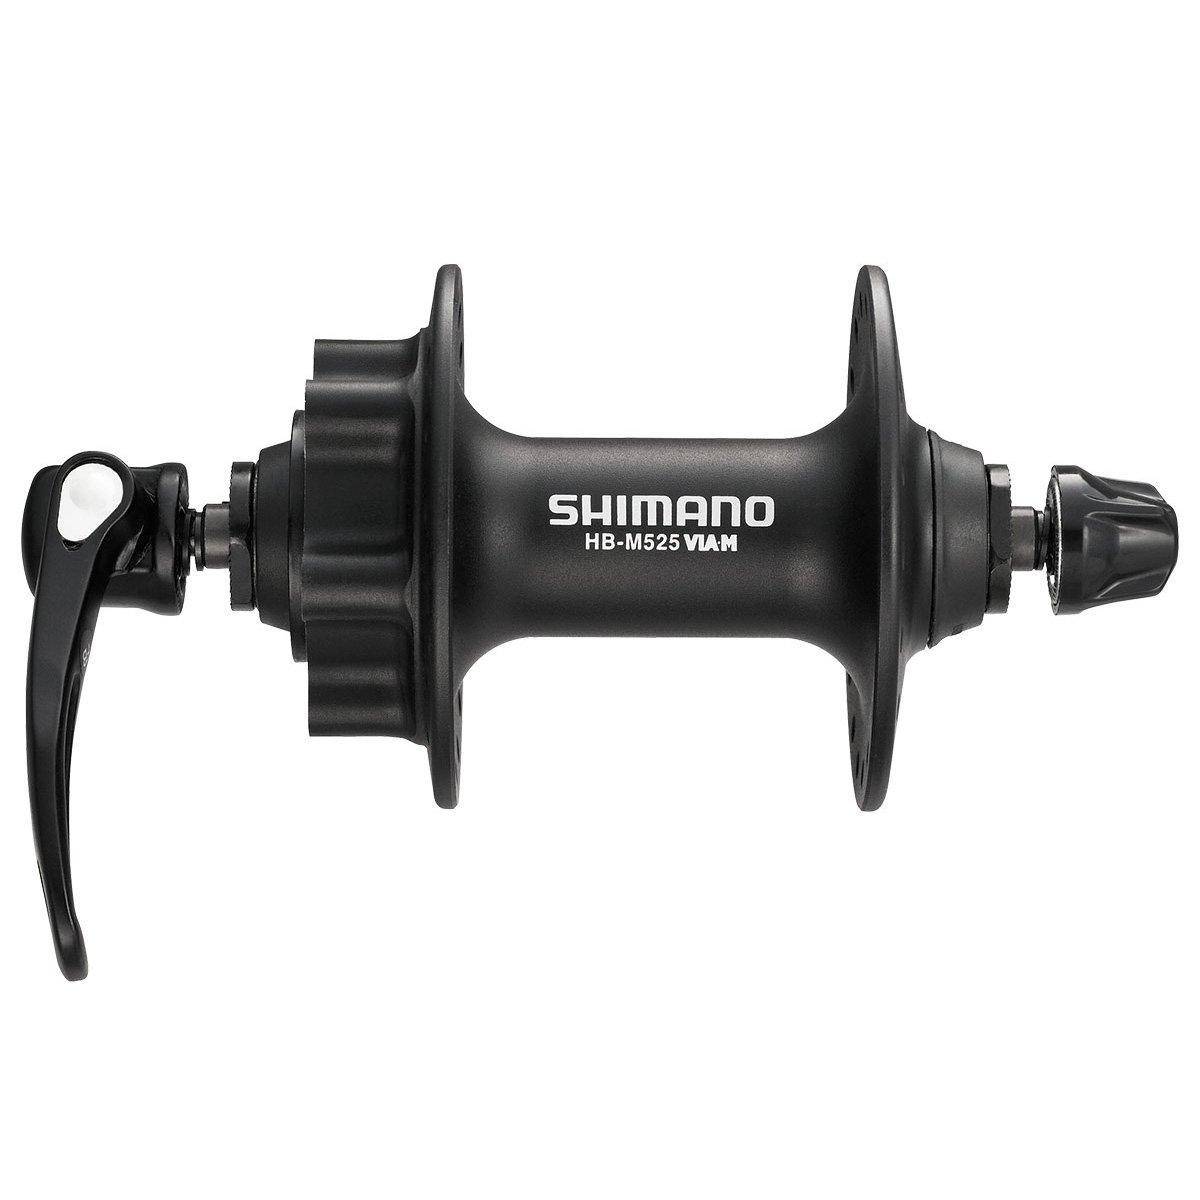 SHIMANO Front Mountain Bicycle Hub - HB-M525 (Black - 32H)